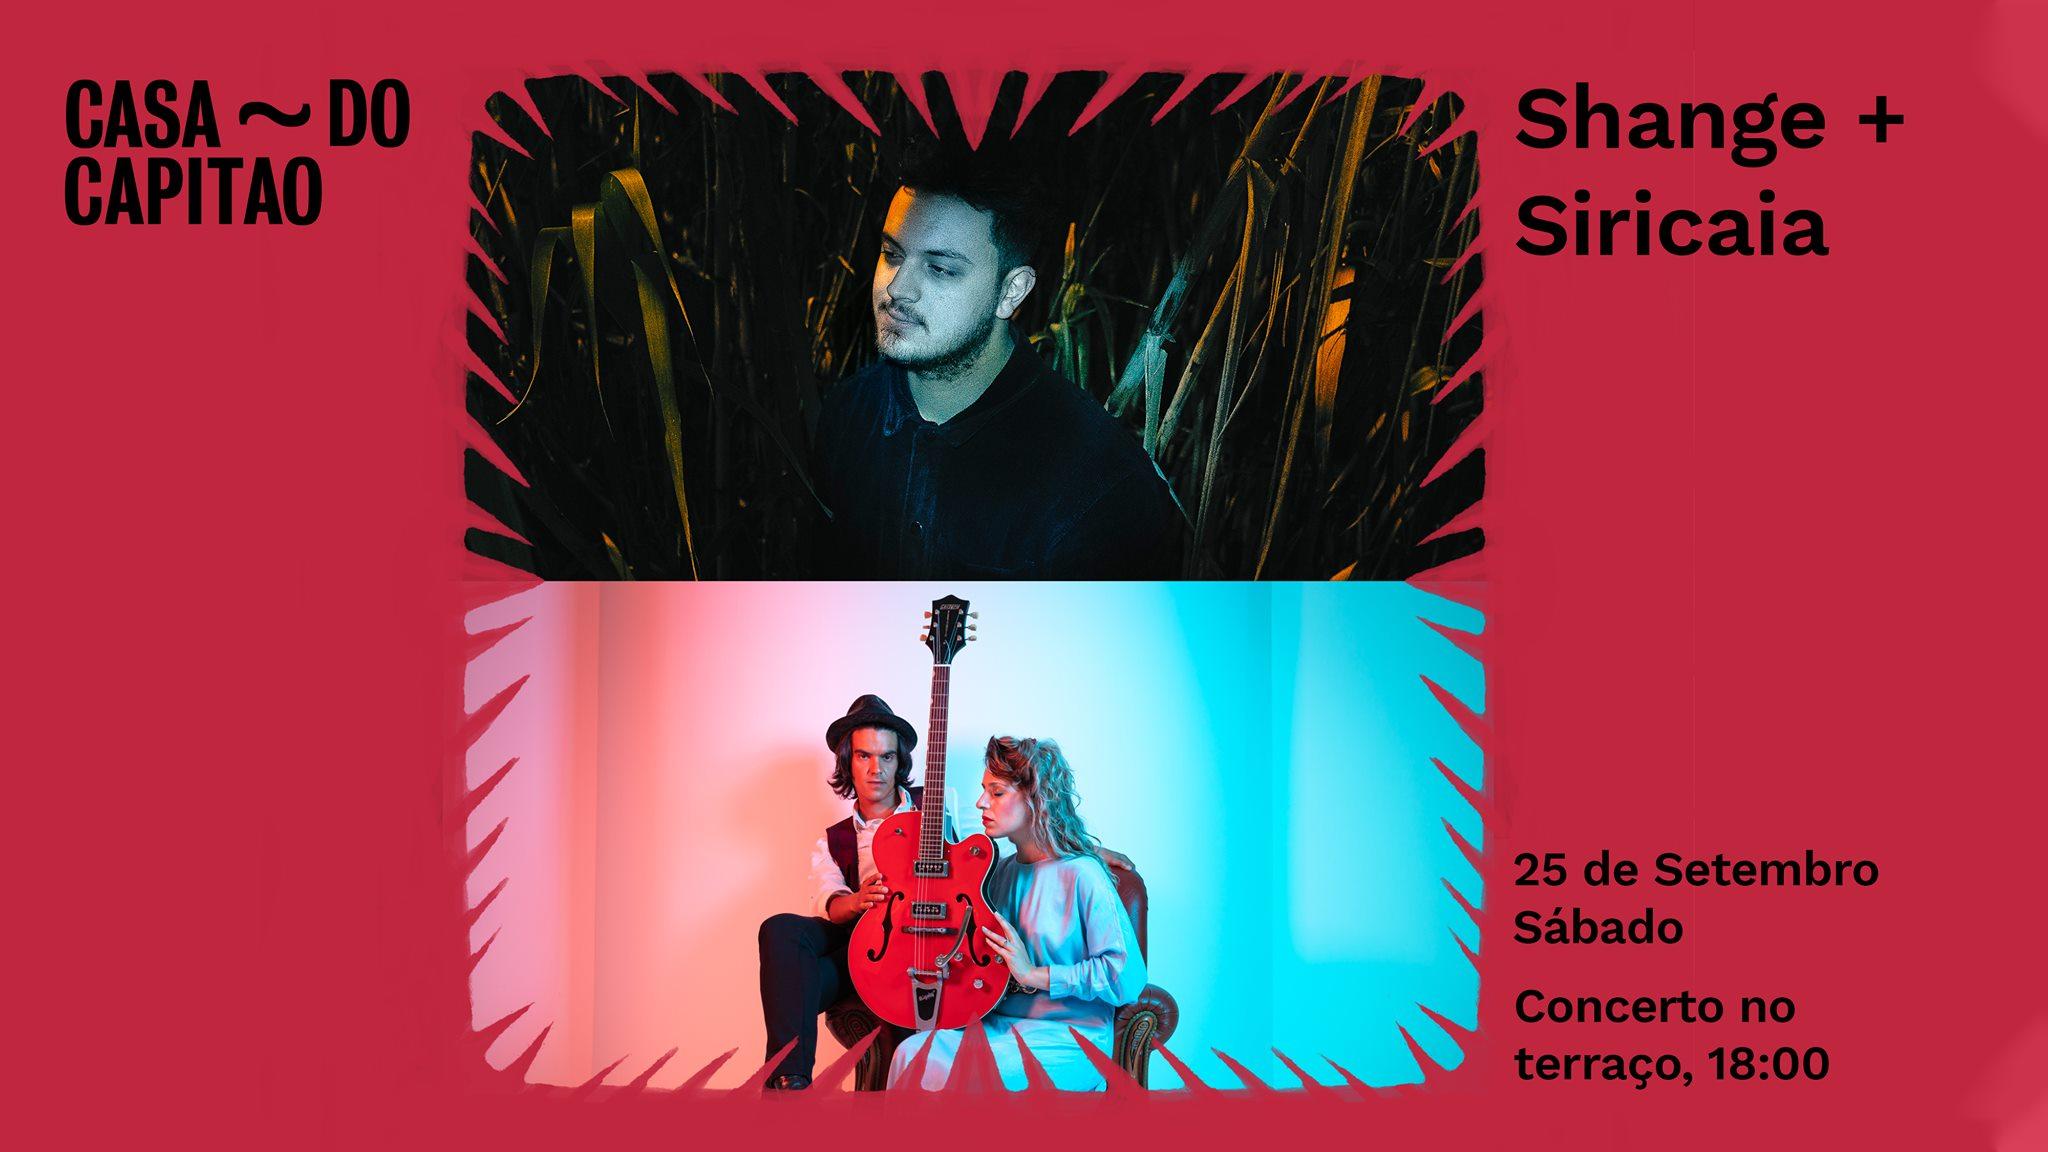 Shange + Siricaia  • concerto no terraço